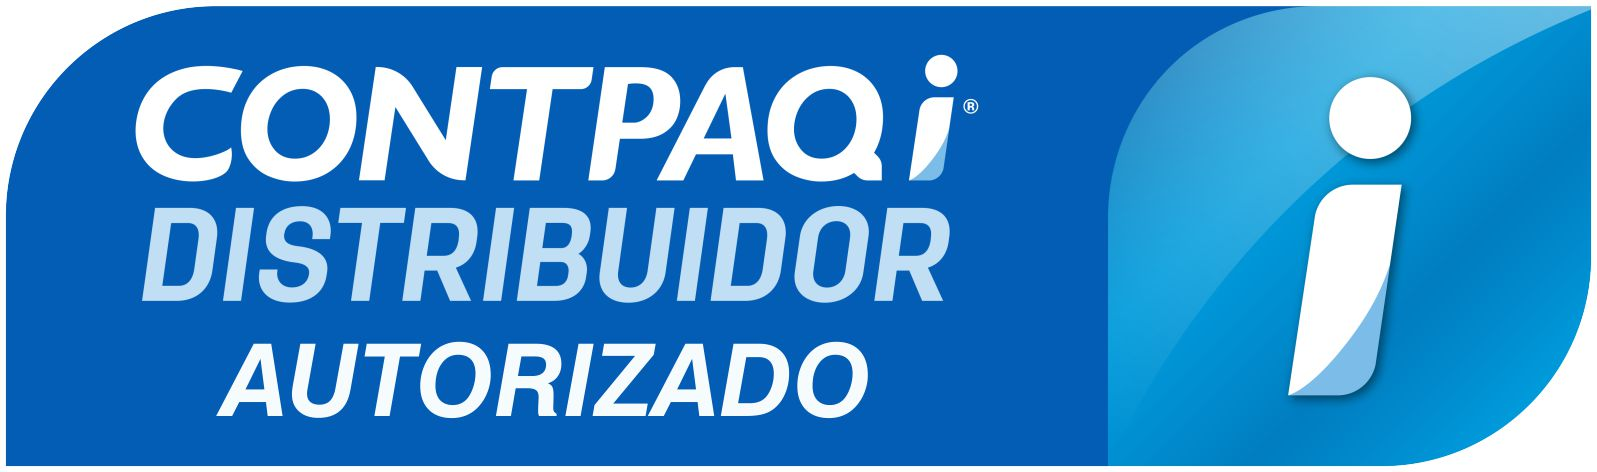 Distribuidor Autorizado Contpaqi